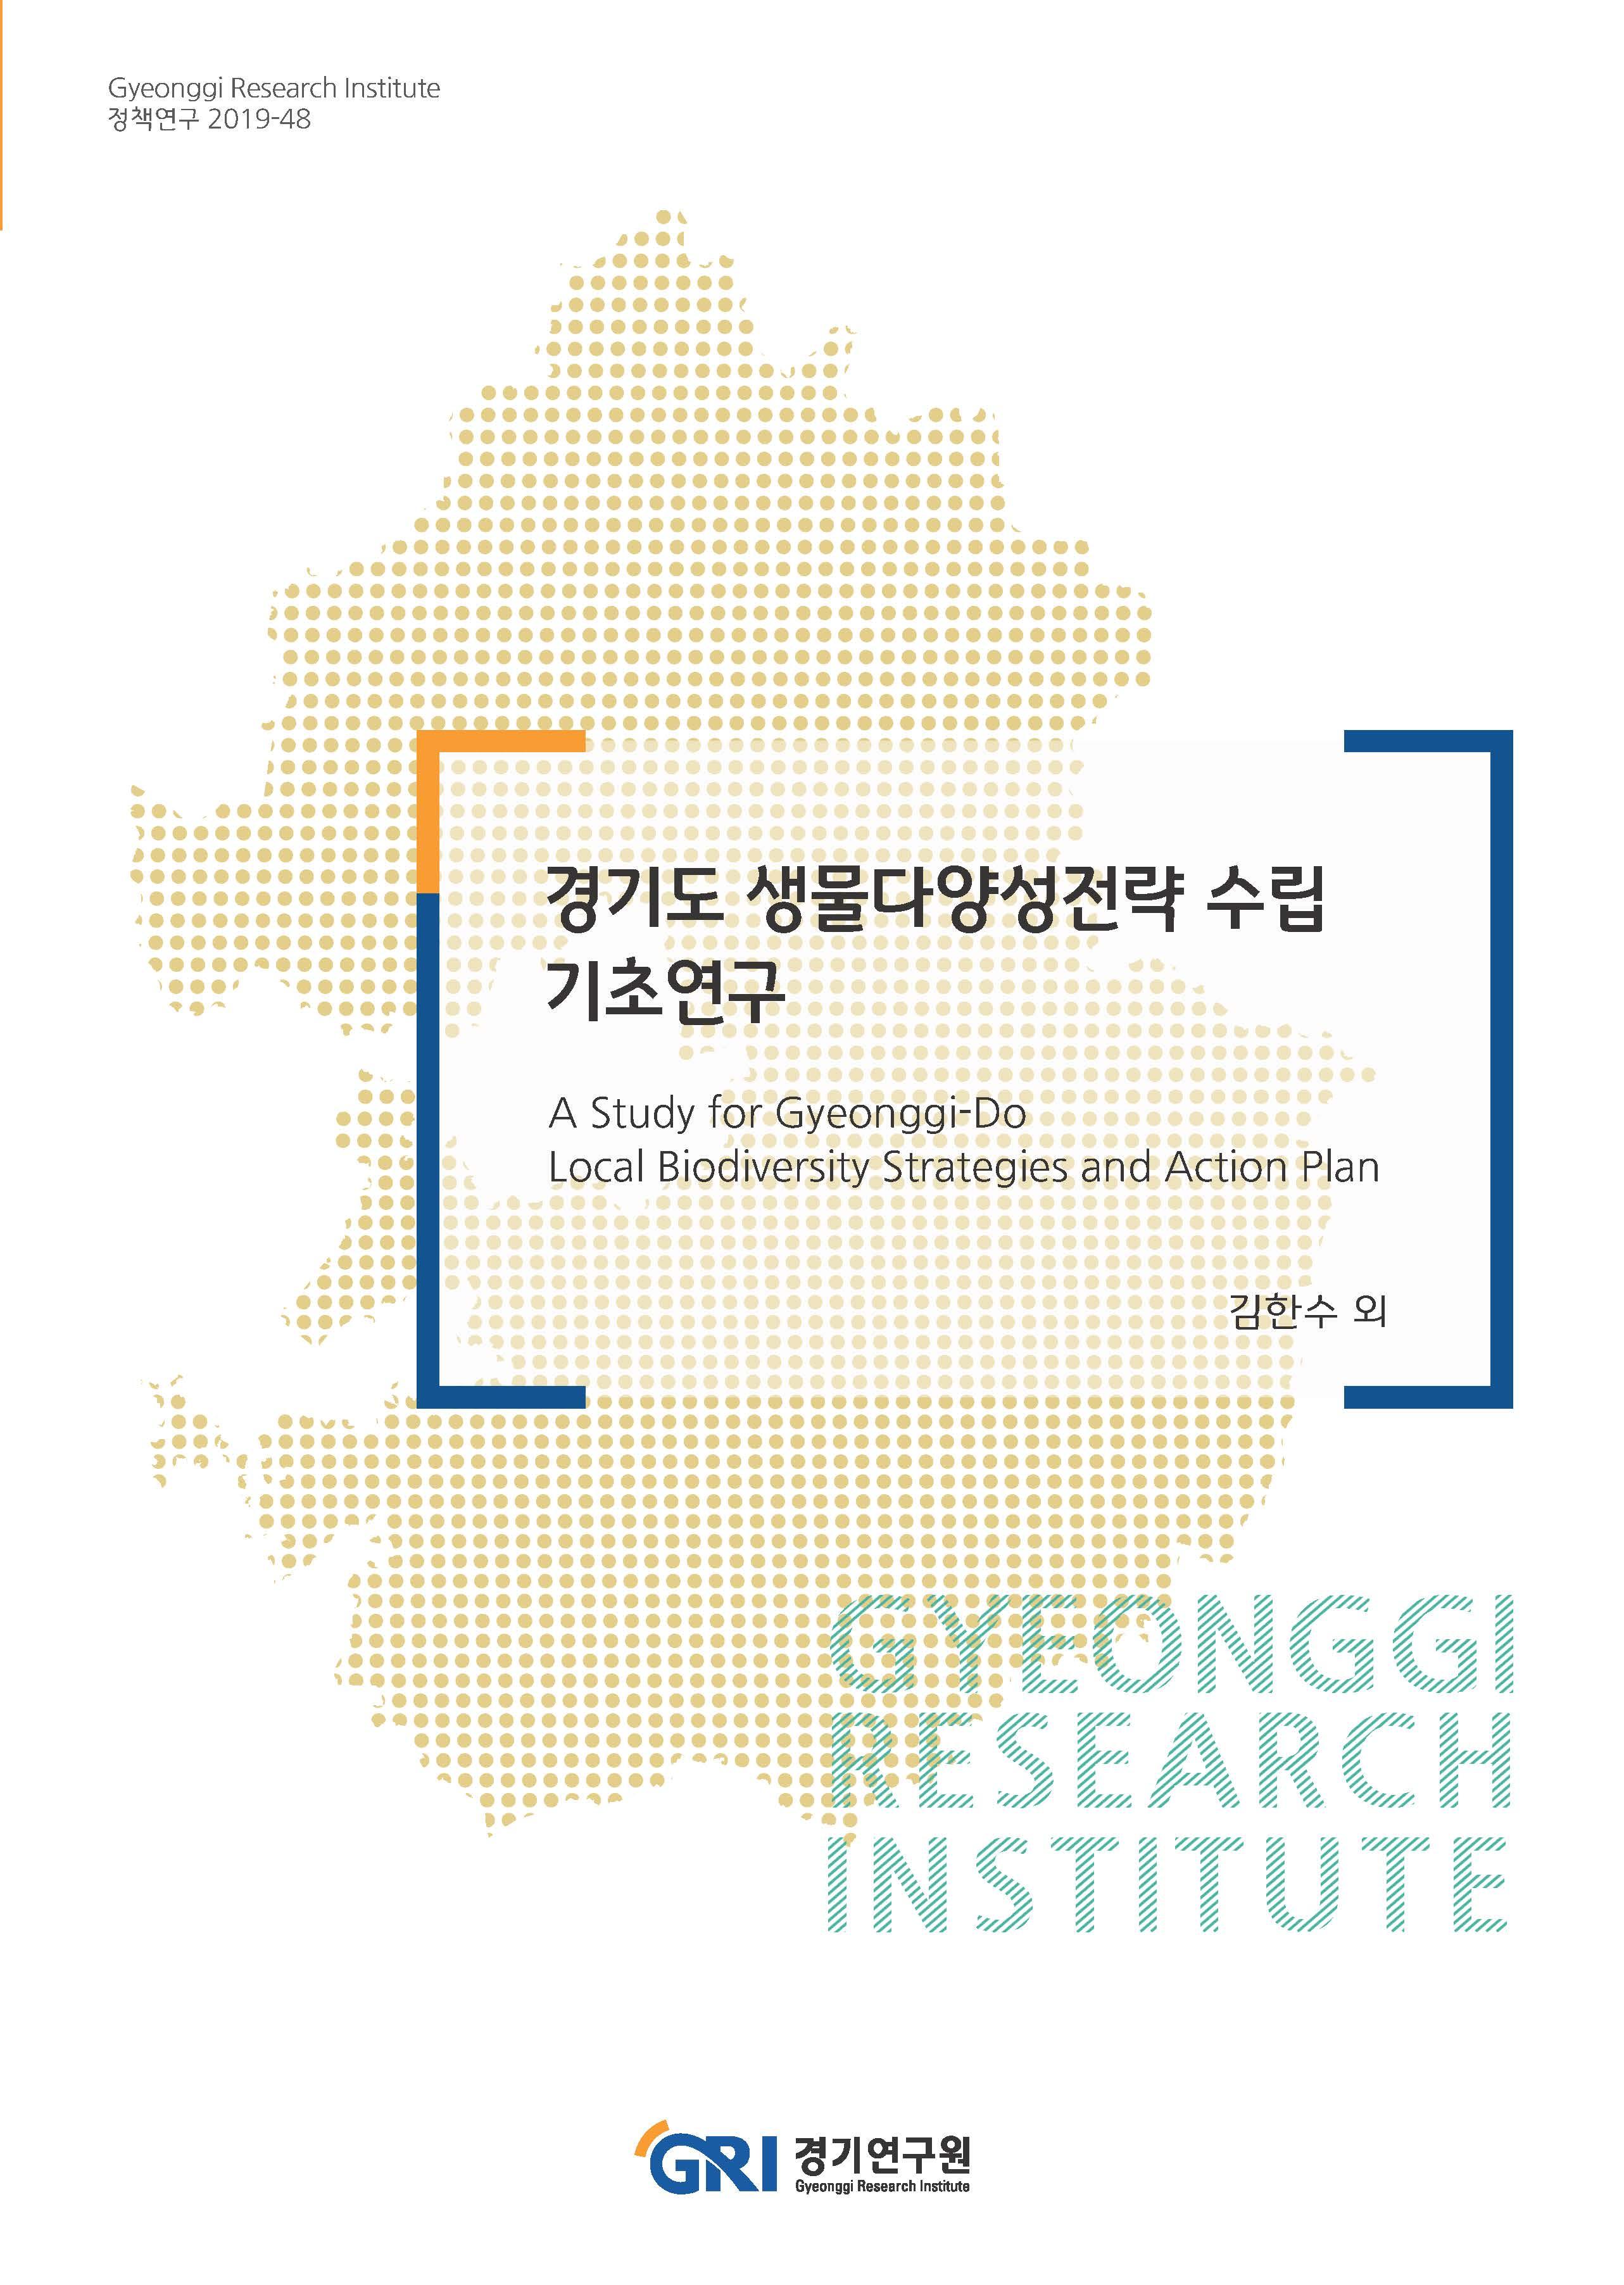 경기도 생물다양성전략 수립 기초연구